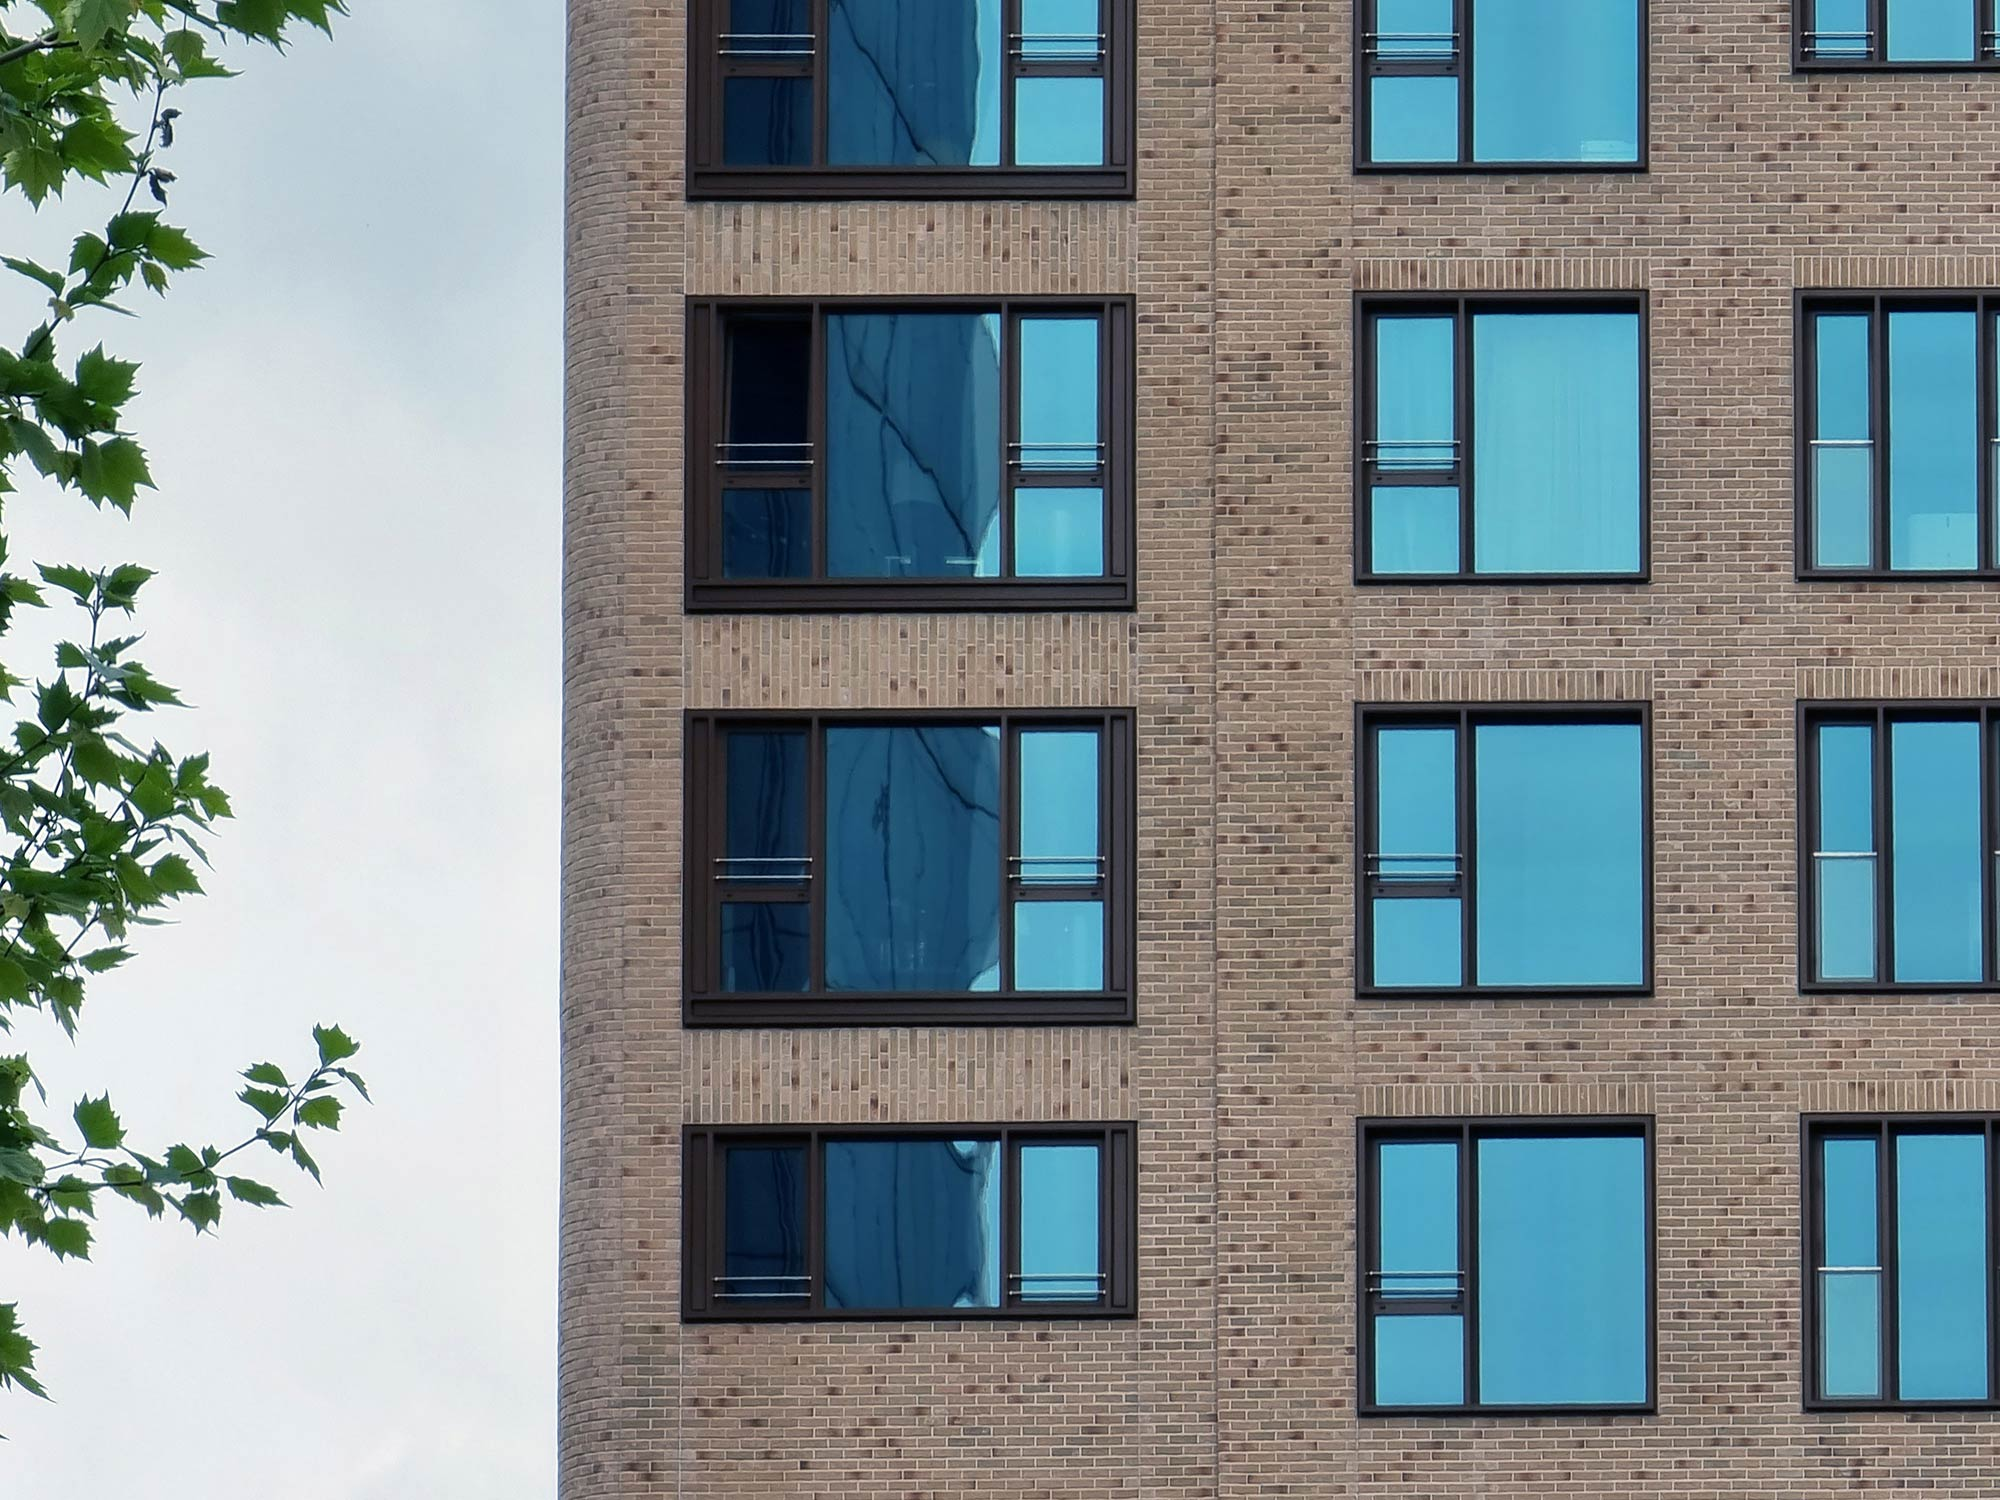 Wohnturm Frankfurt - Wohnungen zur Miete FFM - Blue Horizon Bockenheim - Blue Horizon Fassade